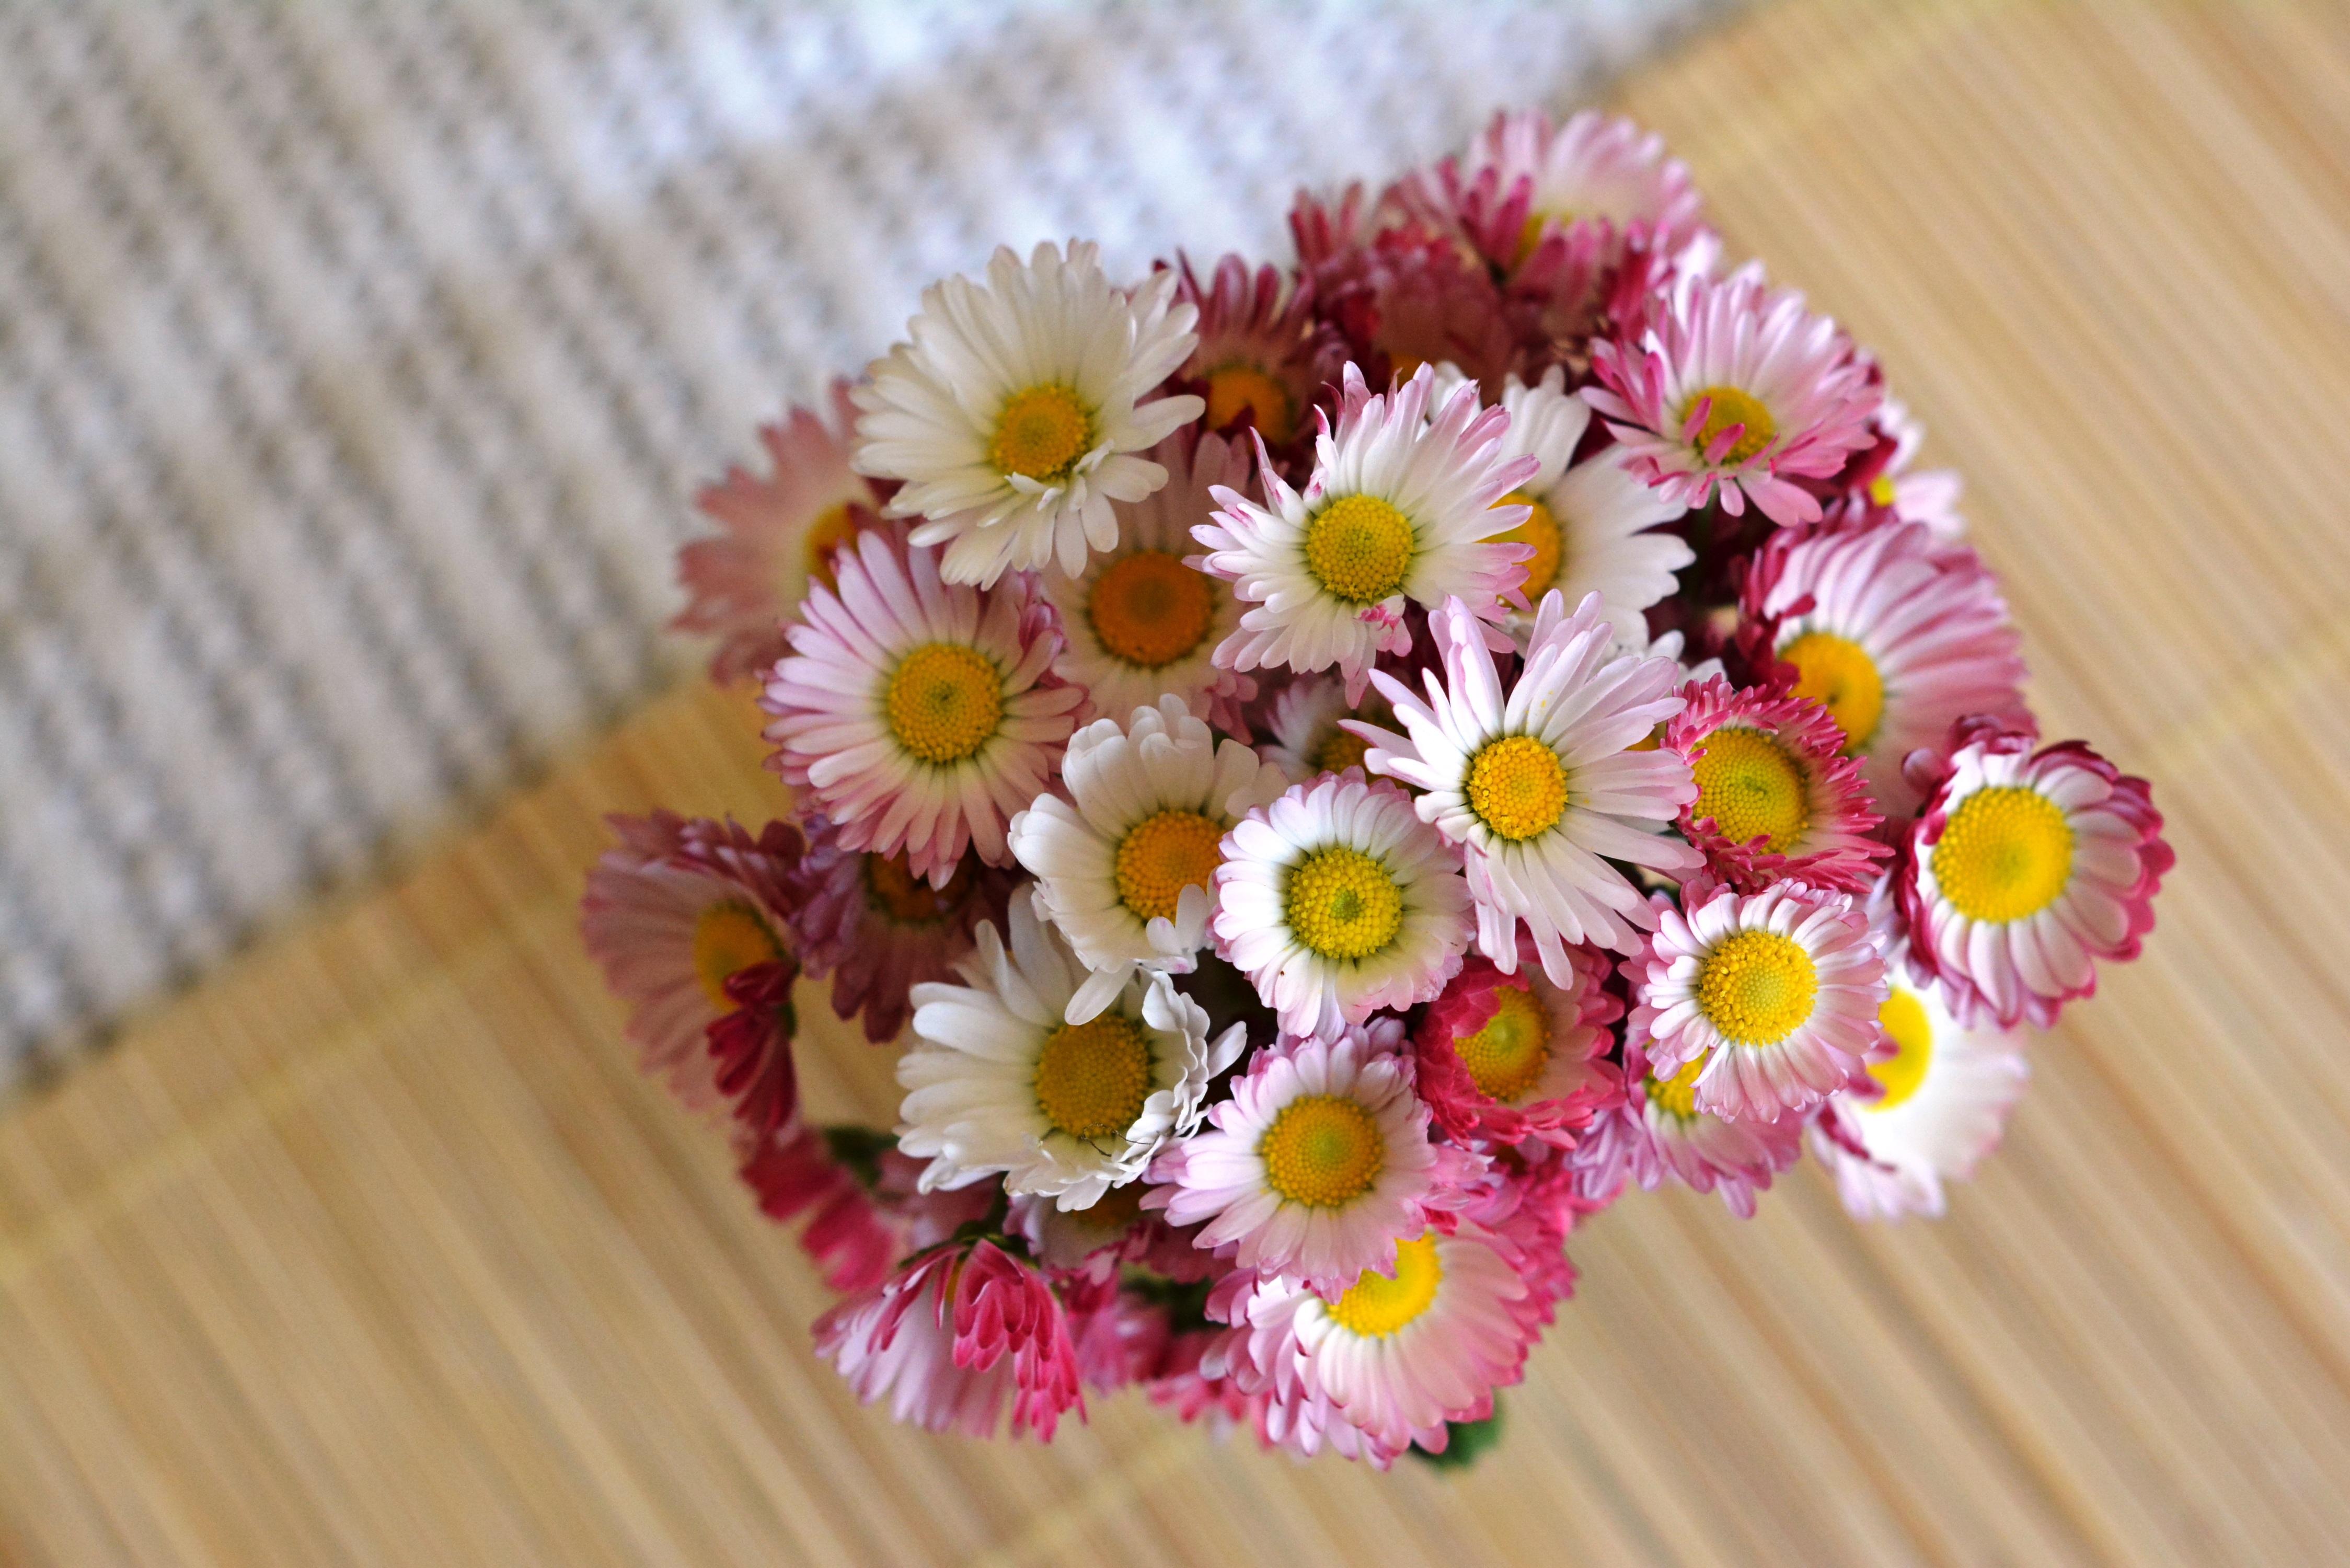 Images Gratuites Fleur P Tale Marguerite D Coration Jaune Rose Flore Marguerites